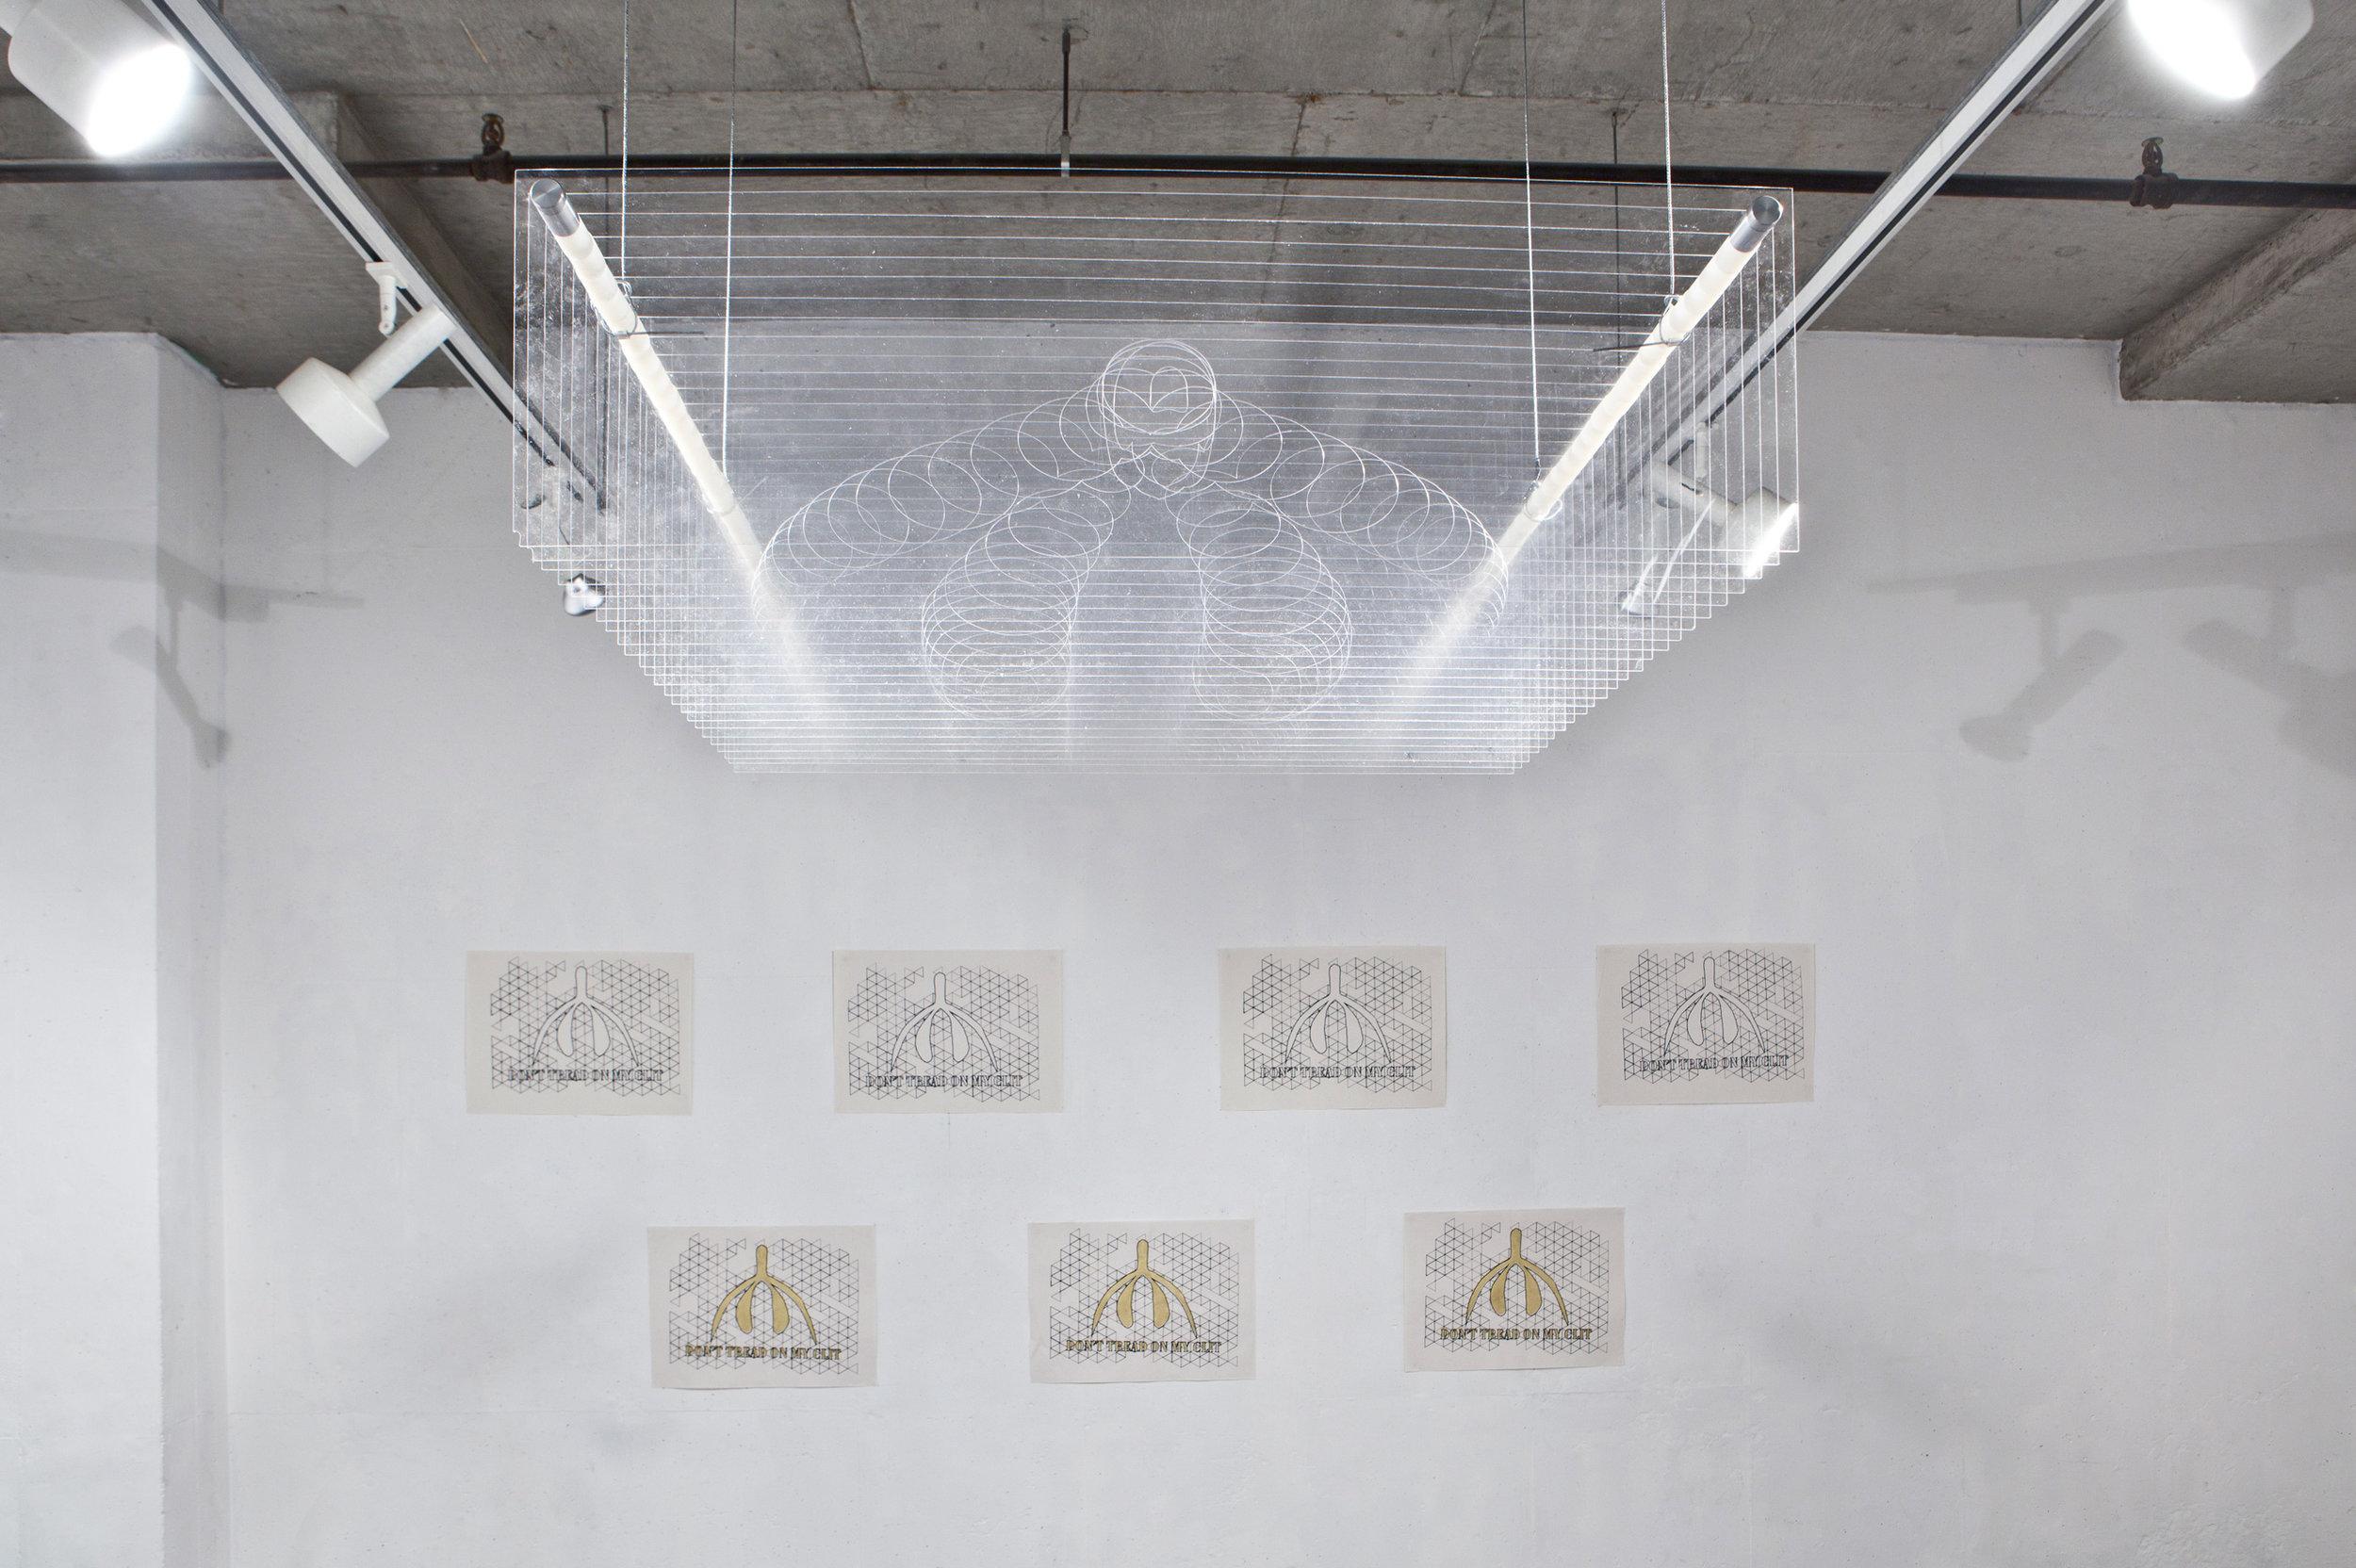 Installation view, Definitely Superior Gallery, 2014